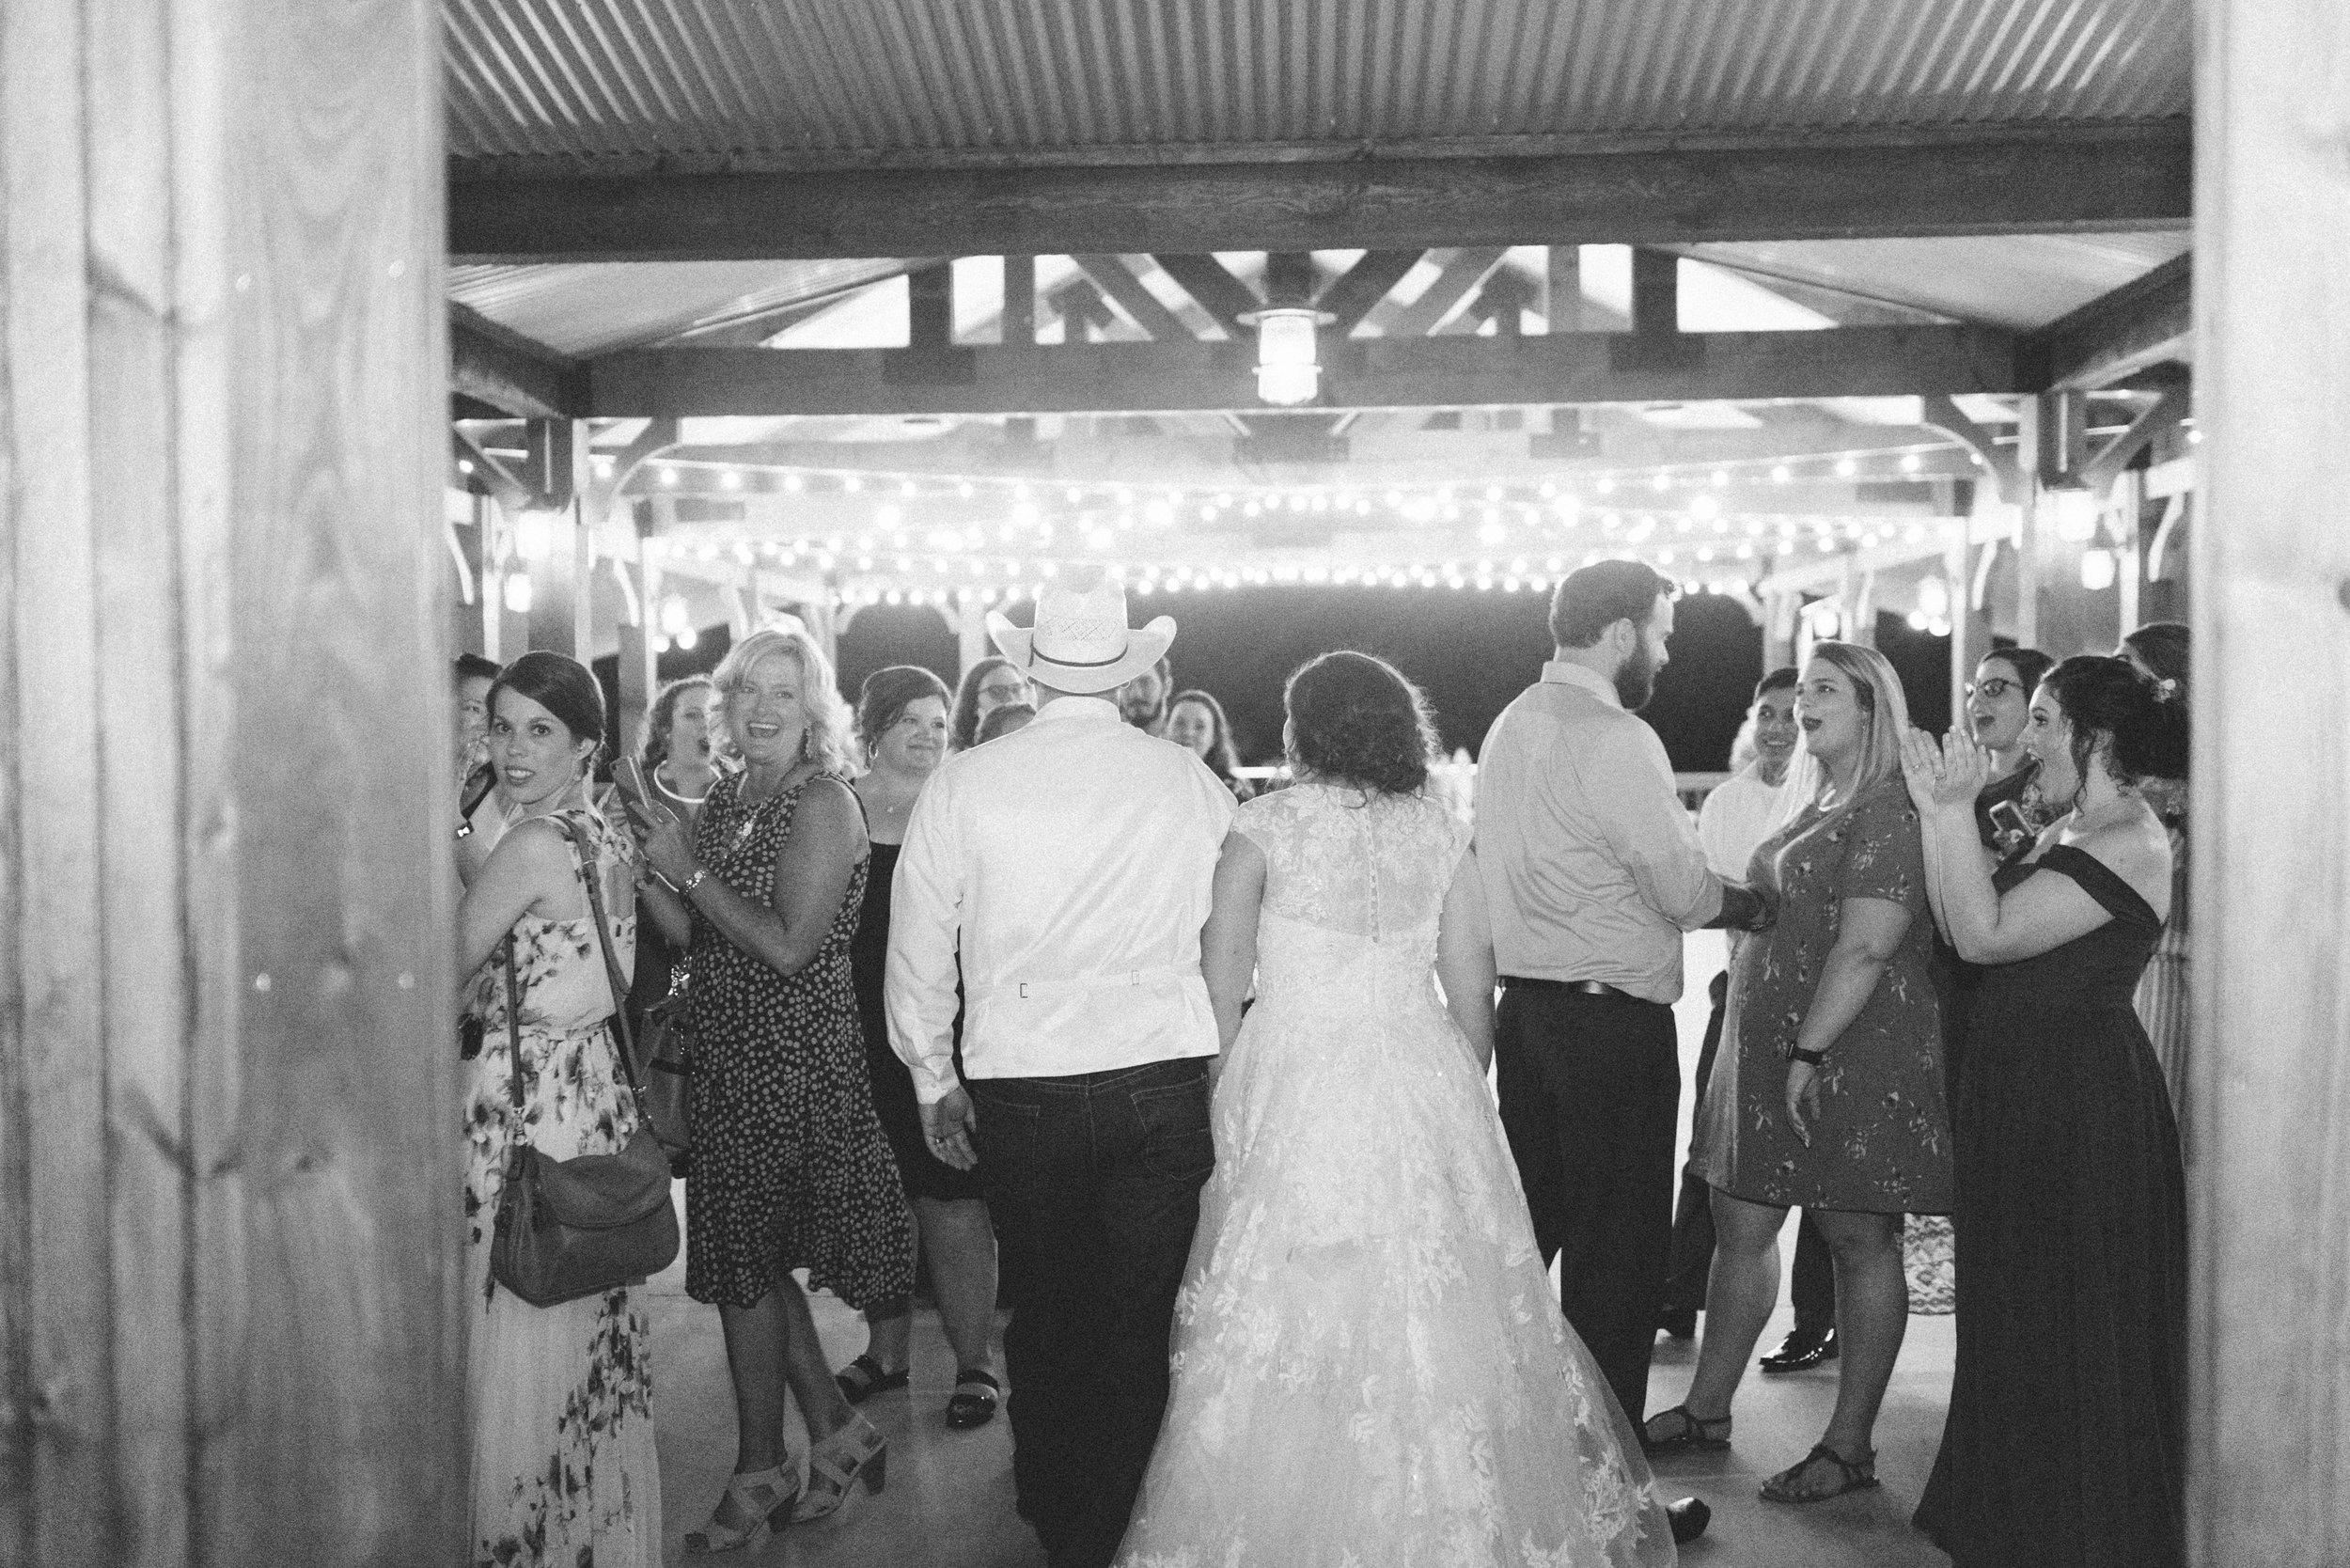 Wesley-Wedding-Ten23-Photography-857.jpg